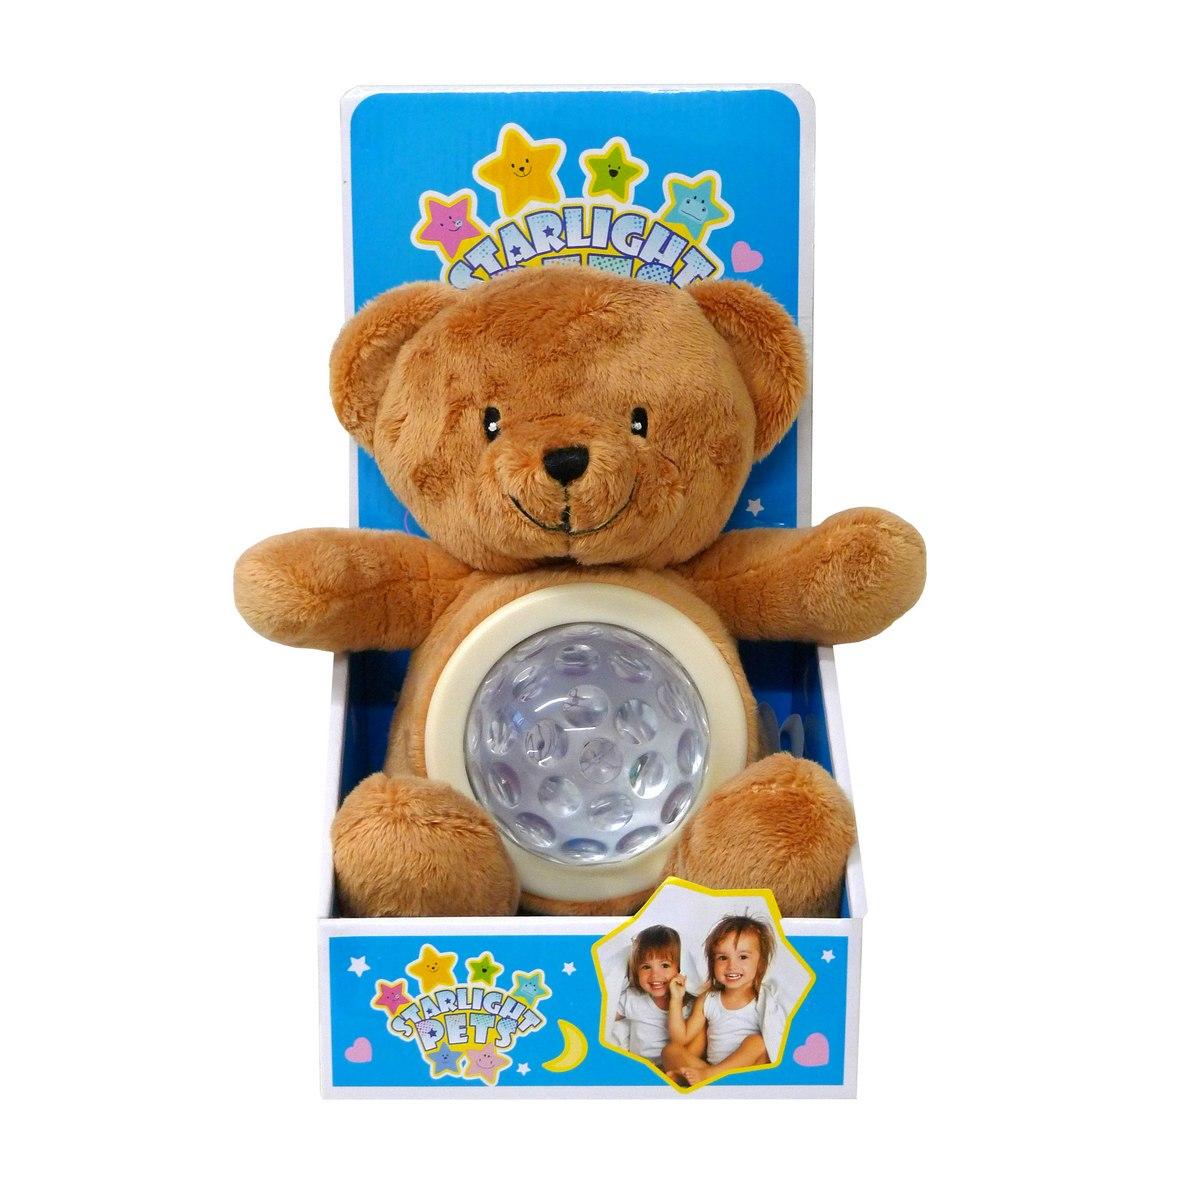 Svietiaci plyšák Druh plyšáka: Medvedík